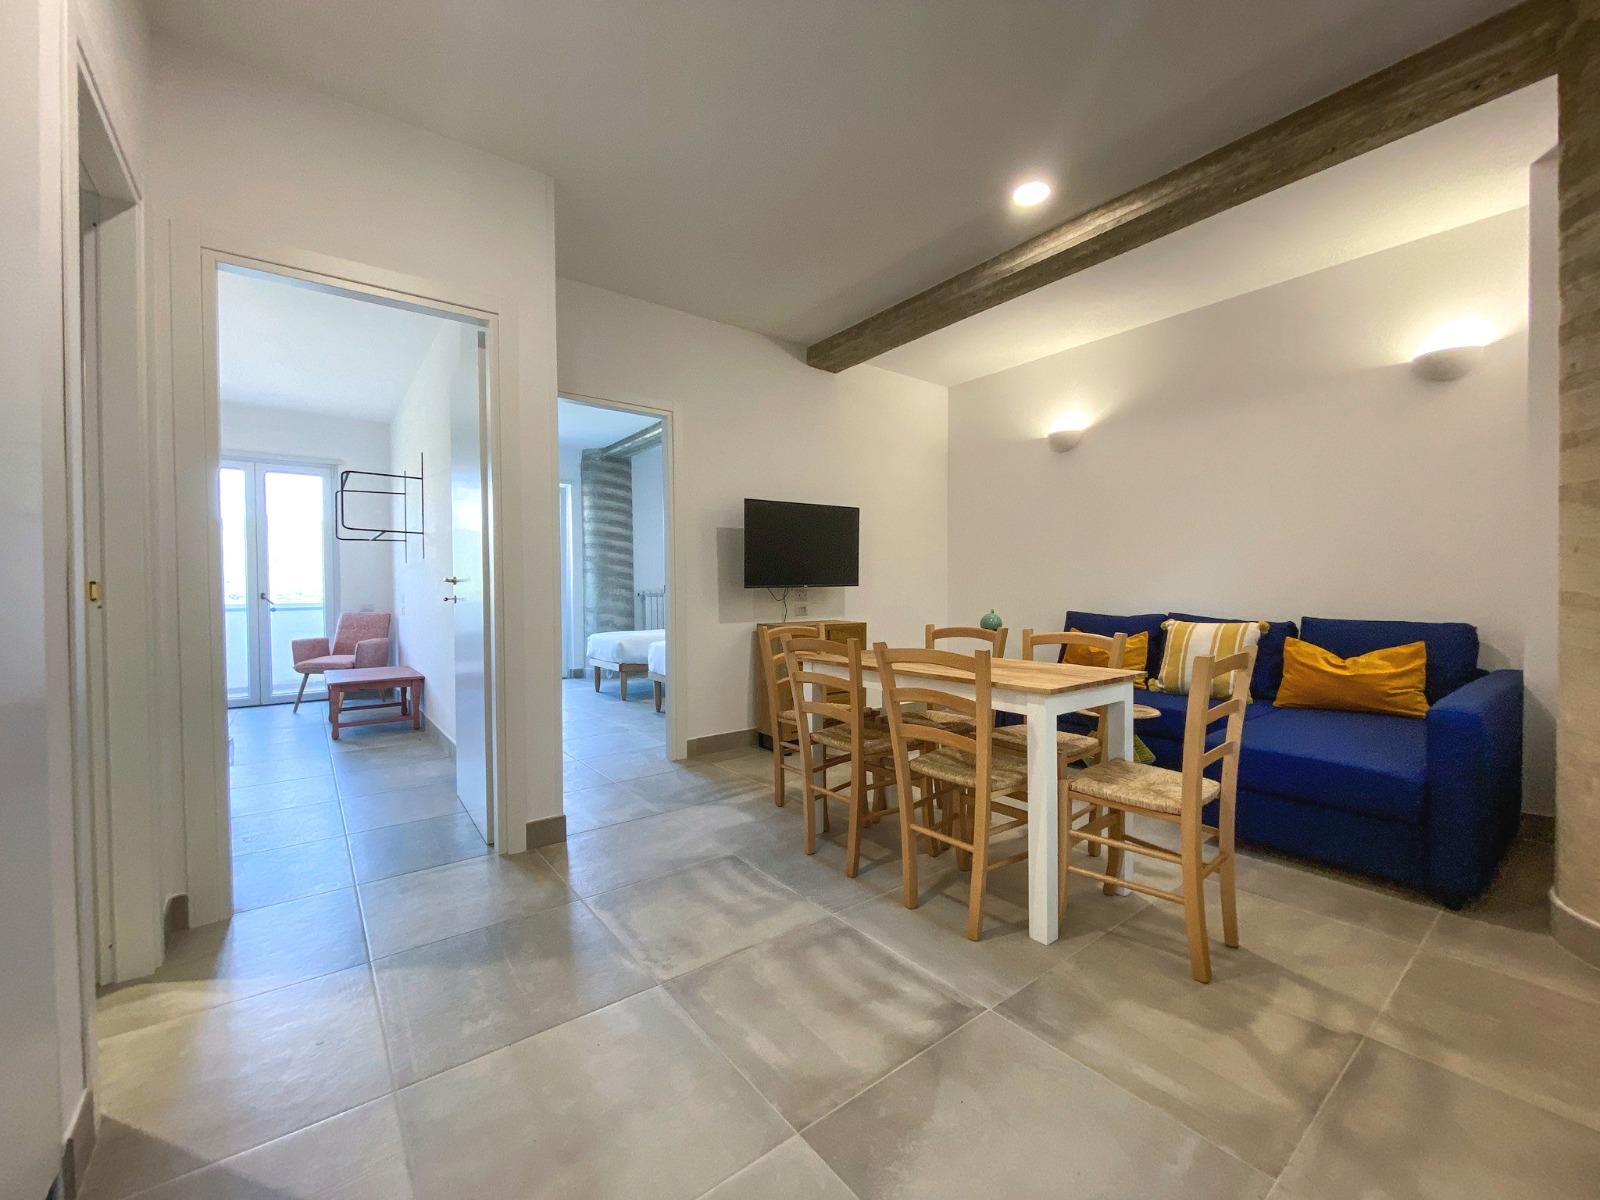 tenuta-normanni-foresteria-suites-large